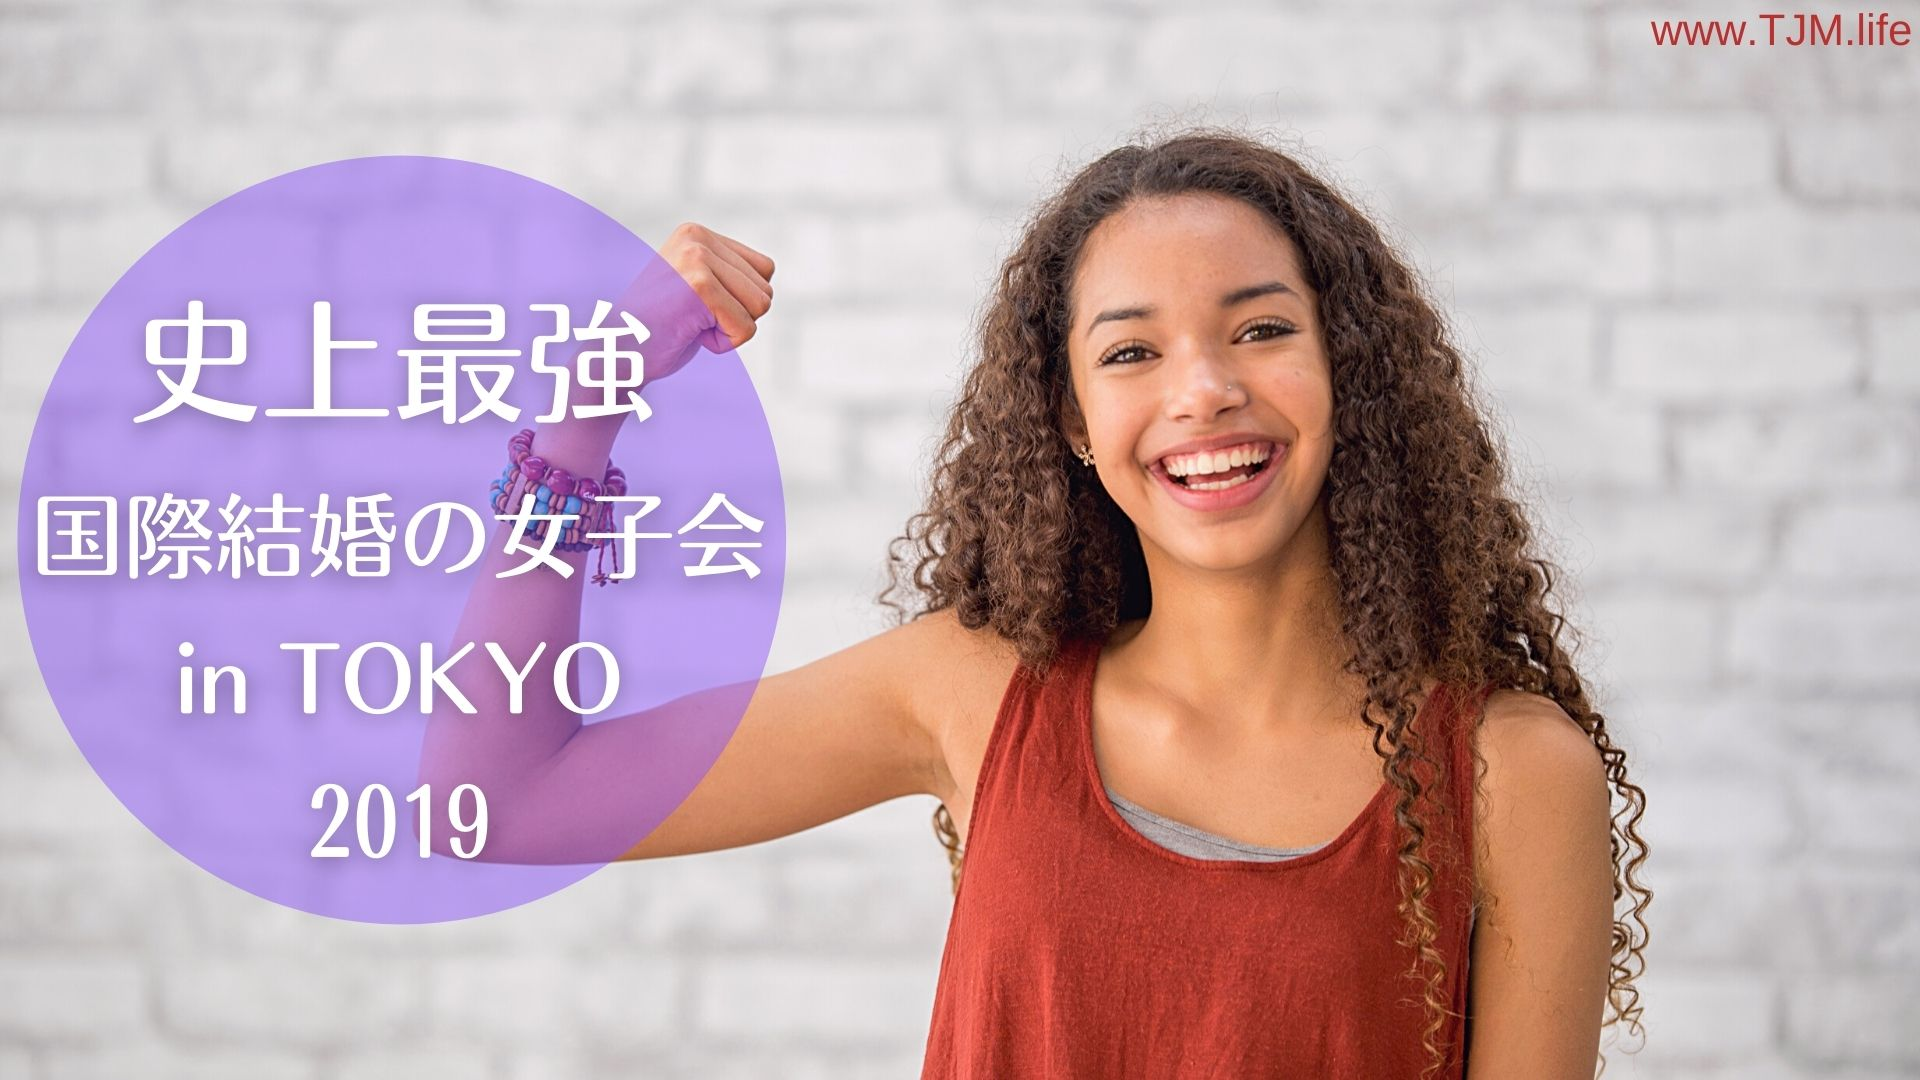 国際結婚の女子会 in TOKYO 2019